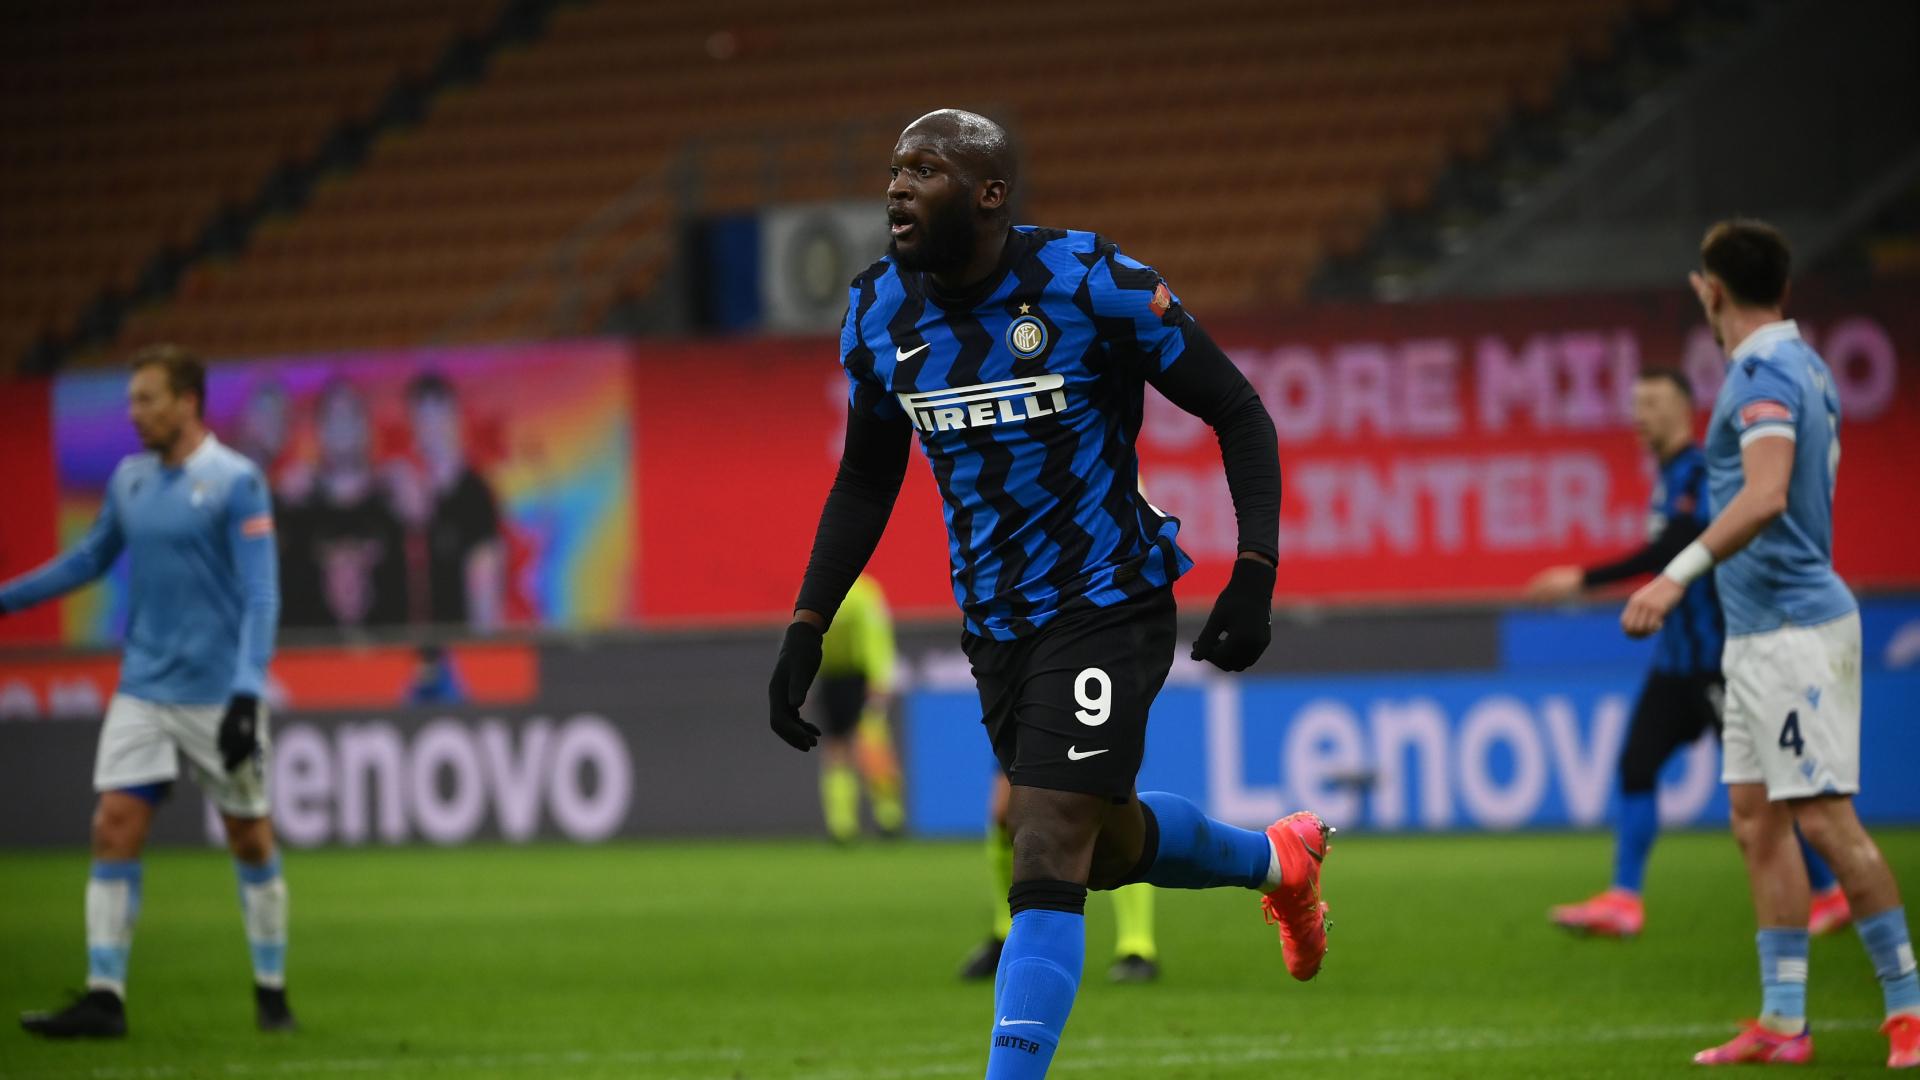 Inter 3-1 Lazio: Lukaku's brace sends Nerazzurri top of Serie A